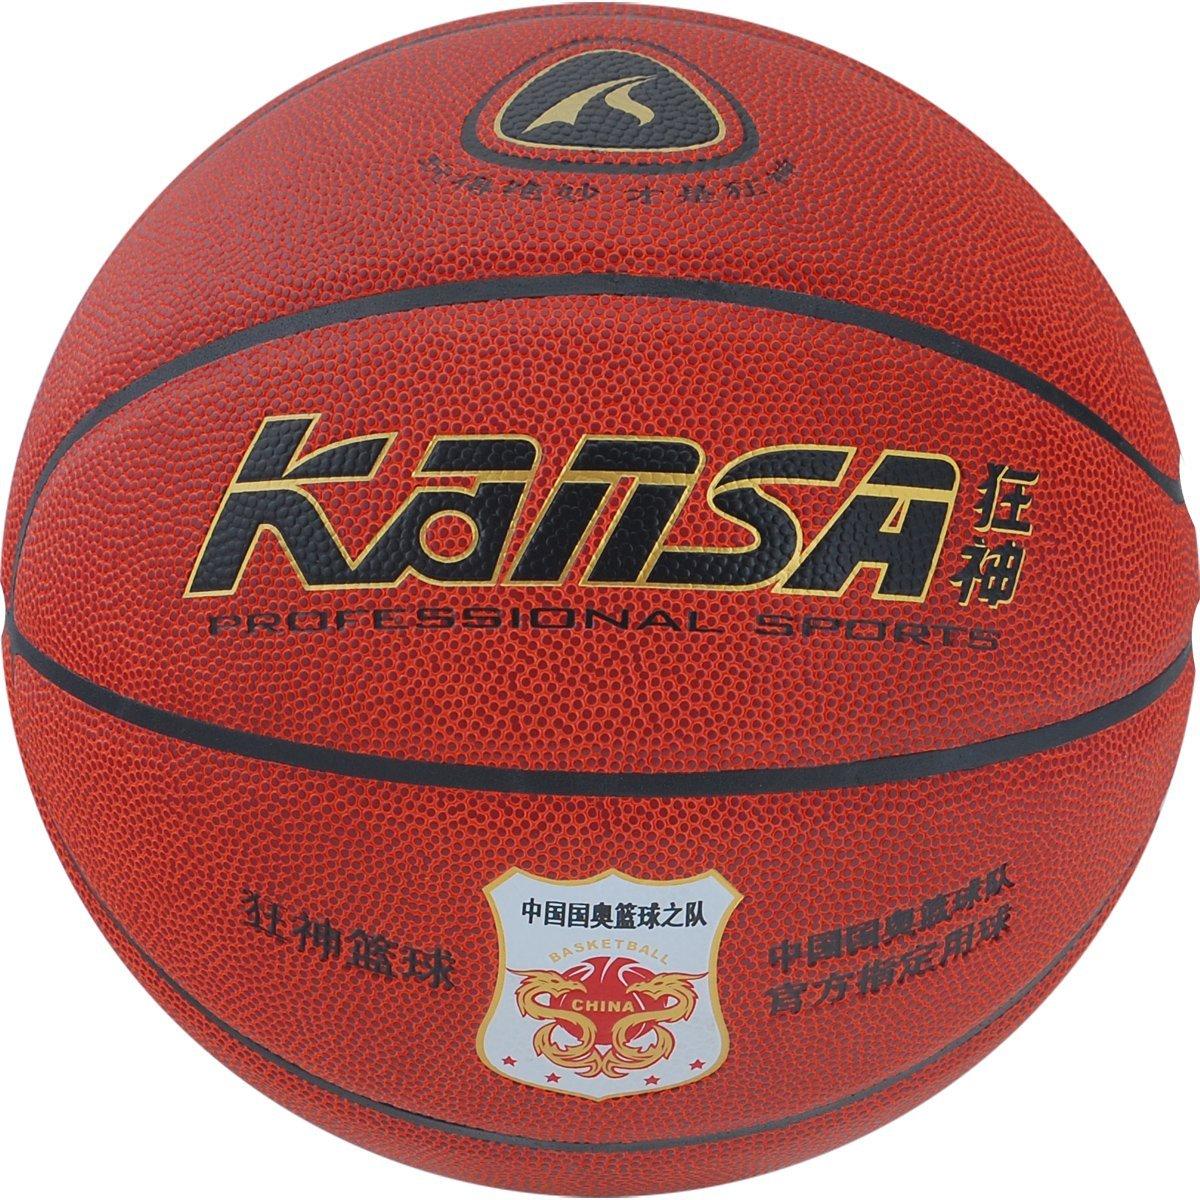 Emmaus pa adult basketball